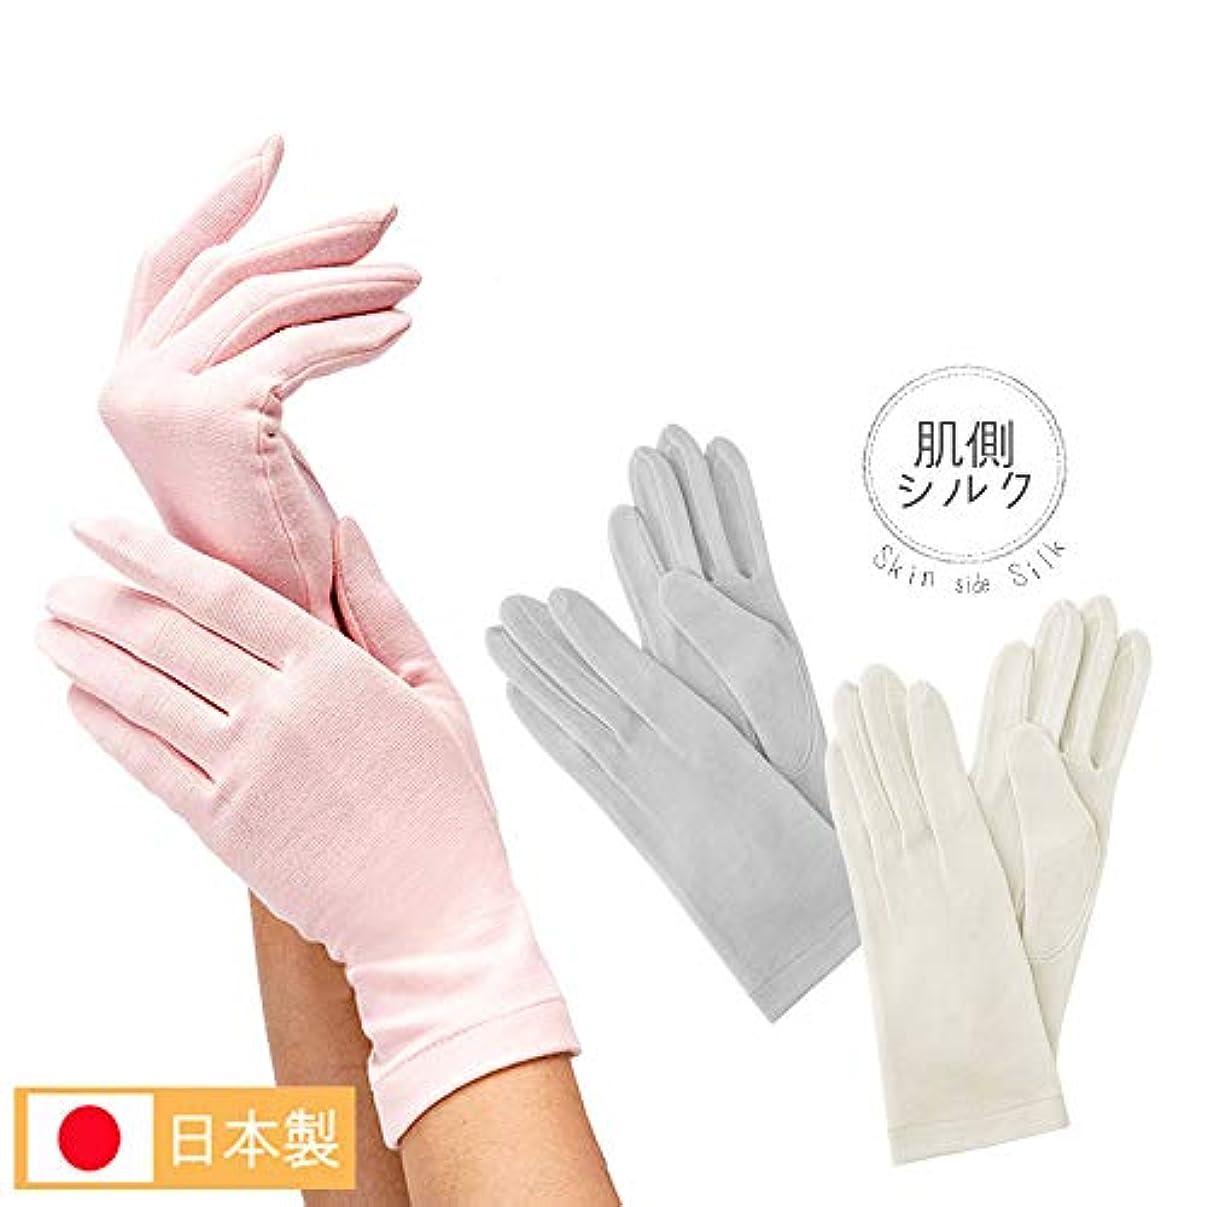 具体的に時々コンサートG12-0071_IV 就寝用 裏シルクうるおい手袋 あったか 薄い 手荒れ ハンドケア 保湿 レディース 女性 おやすみ 寝るとき 日本製 アイボリー